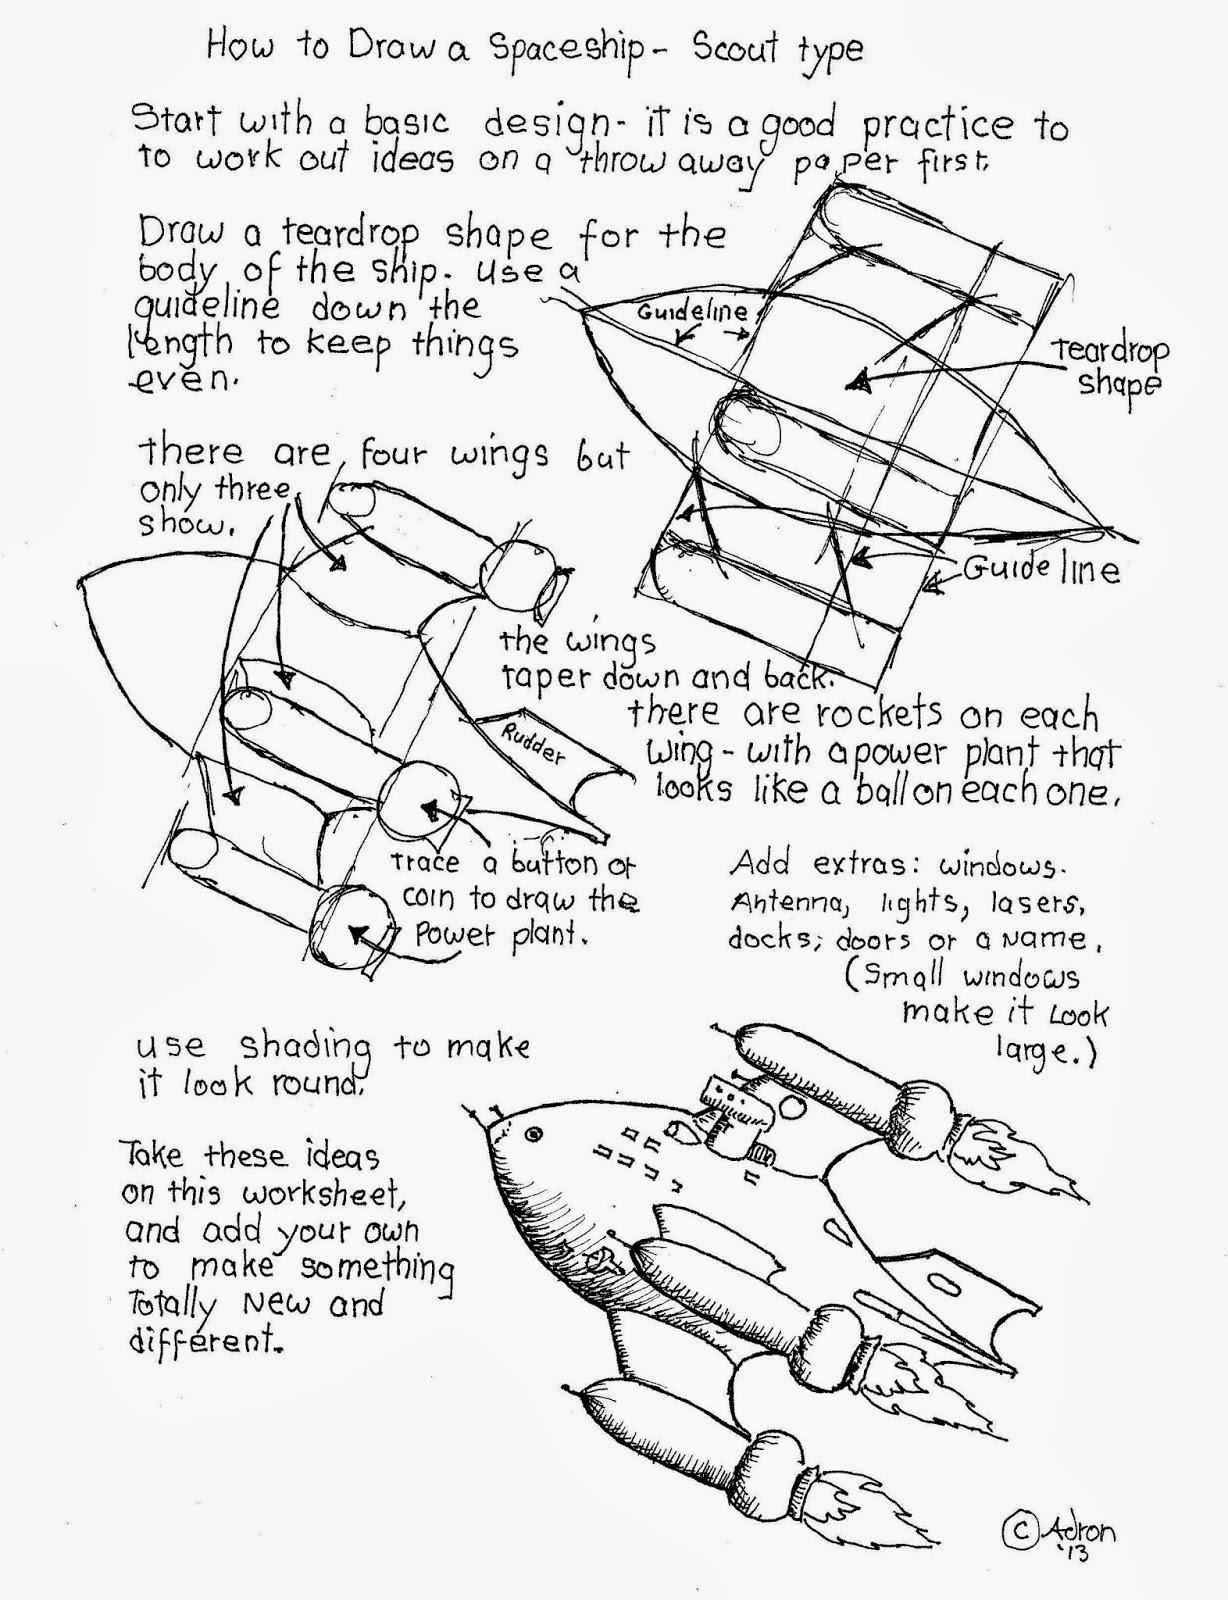 bill nye space exploration worksheet free worksheets library download and print worksheets. Black Bedroom Furniture Sets. Home Design Ideas